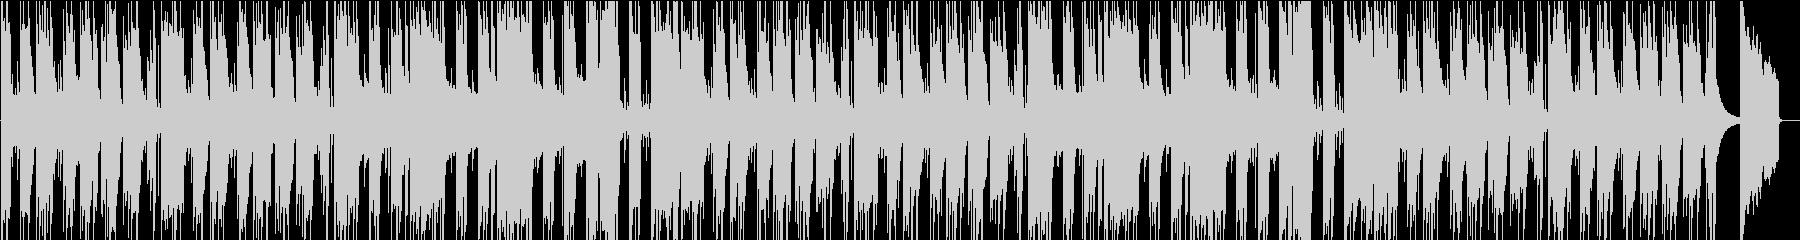 サックス、バラード/カラオケの未再生の波形